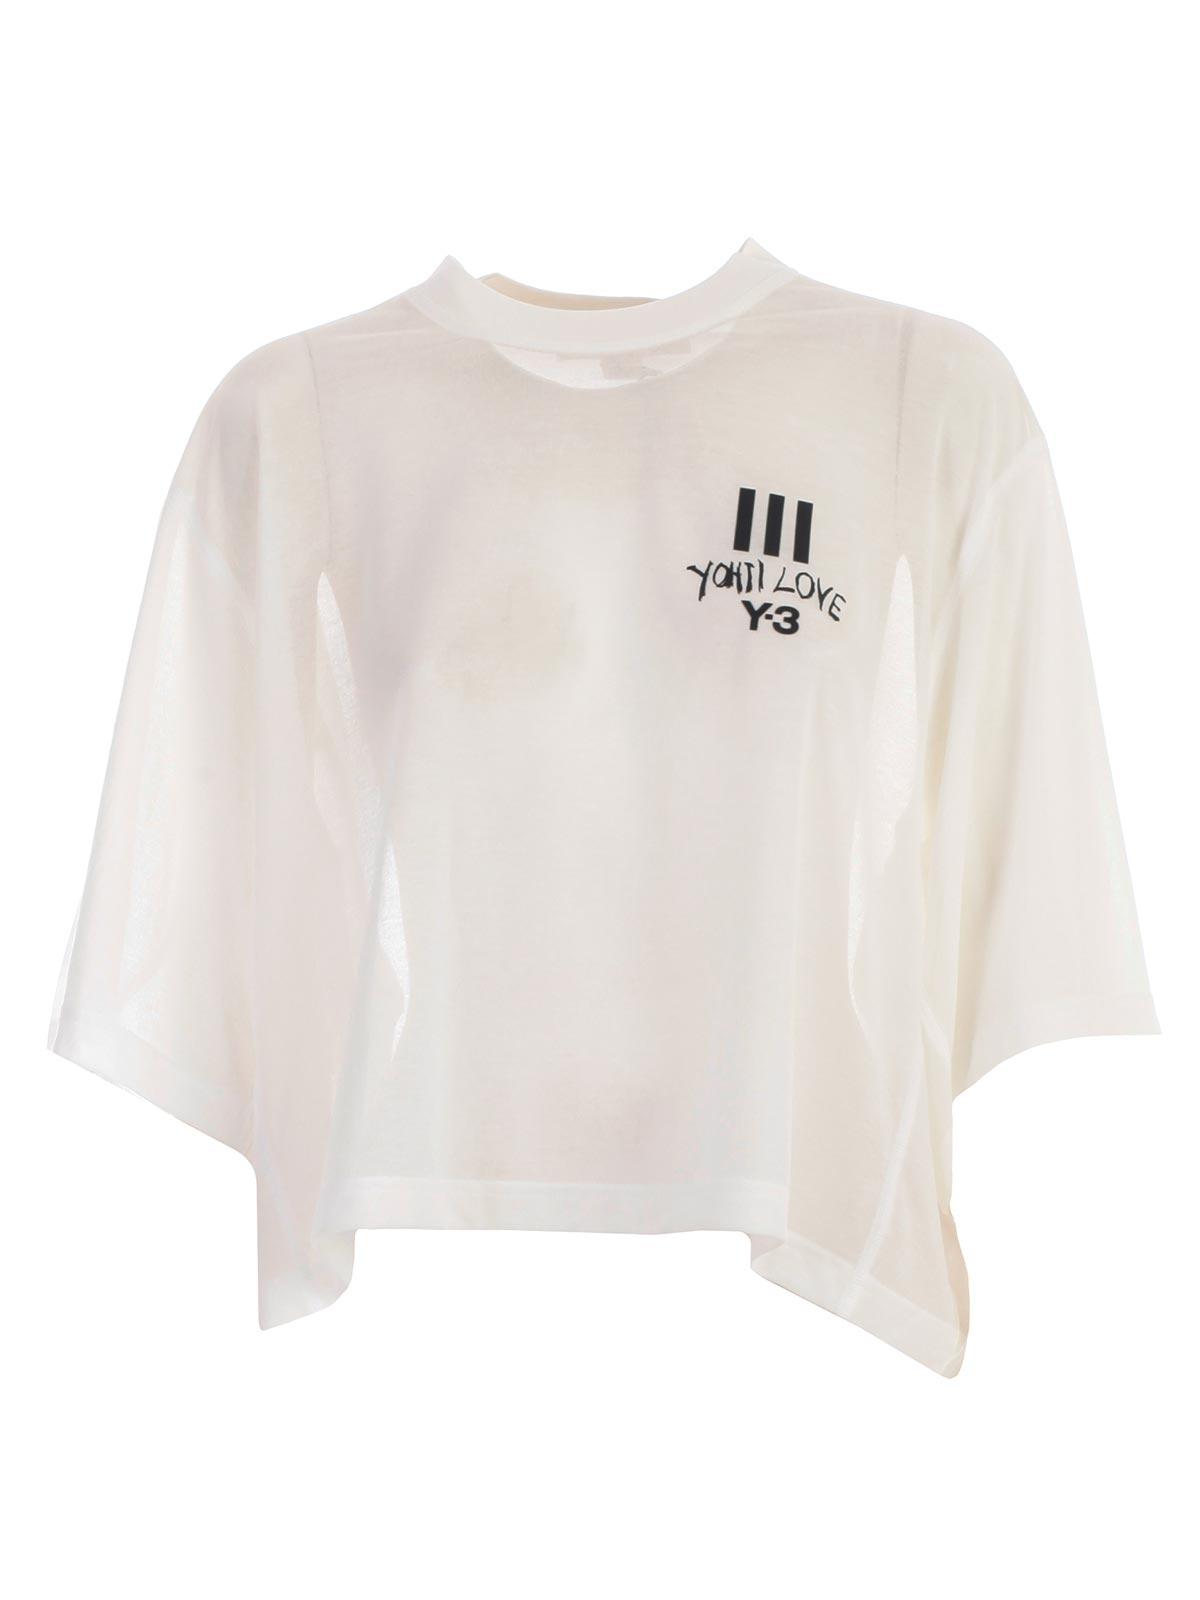 White Bernardelli 3 Core Adidas Yamamoto Yohji Dy7223 Y T Shirt 8qAwSdx